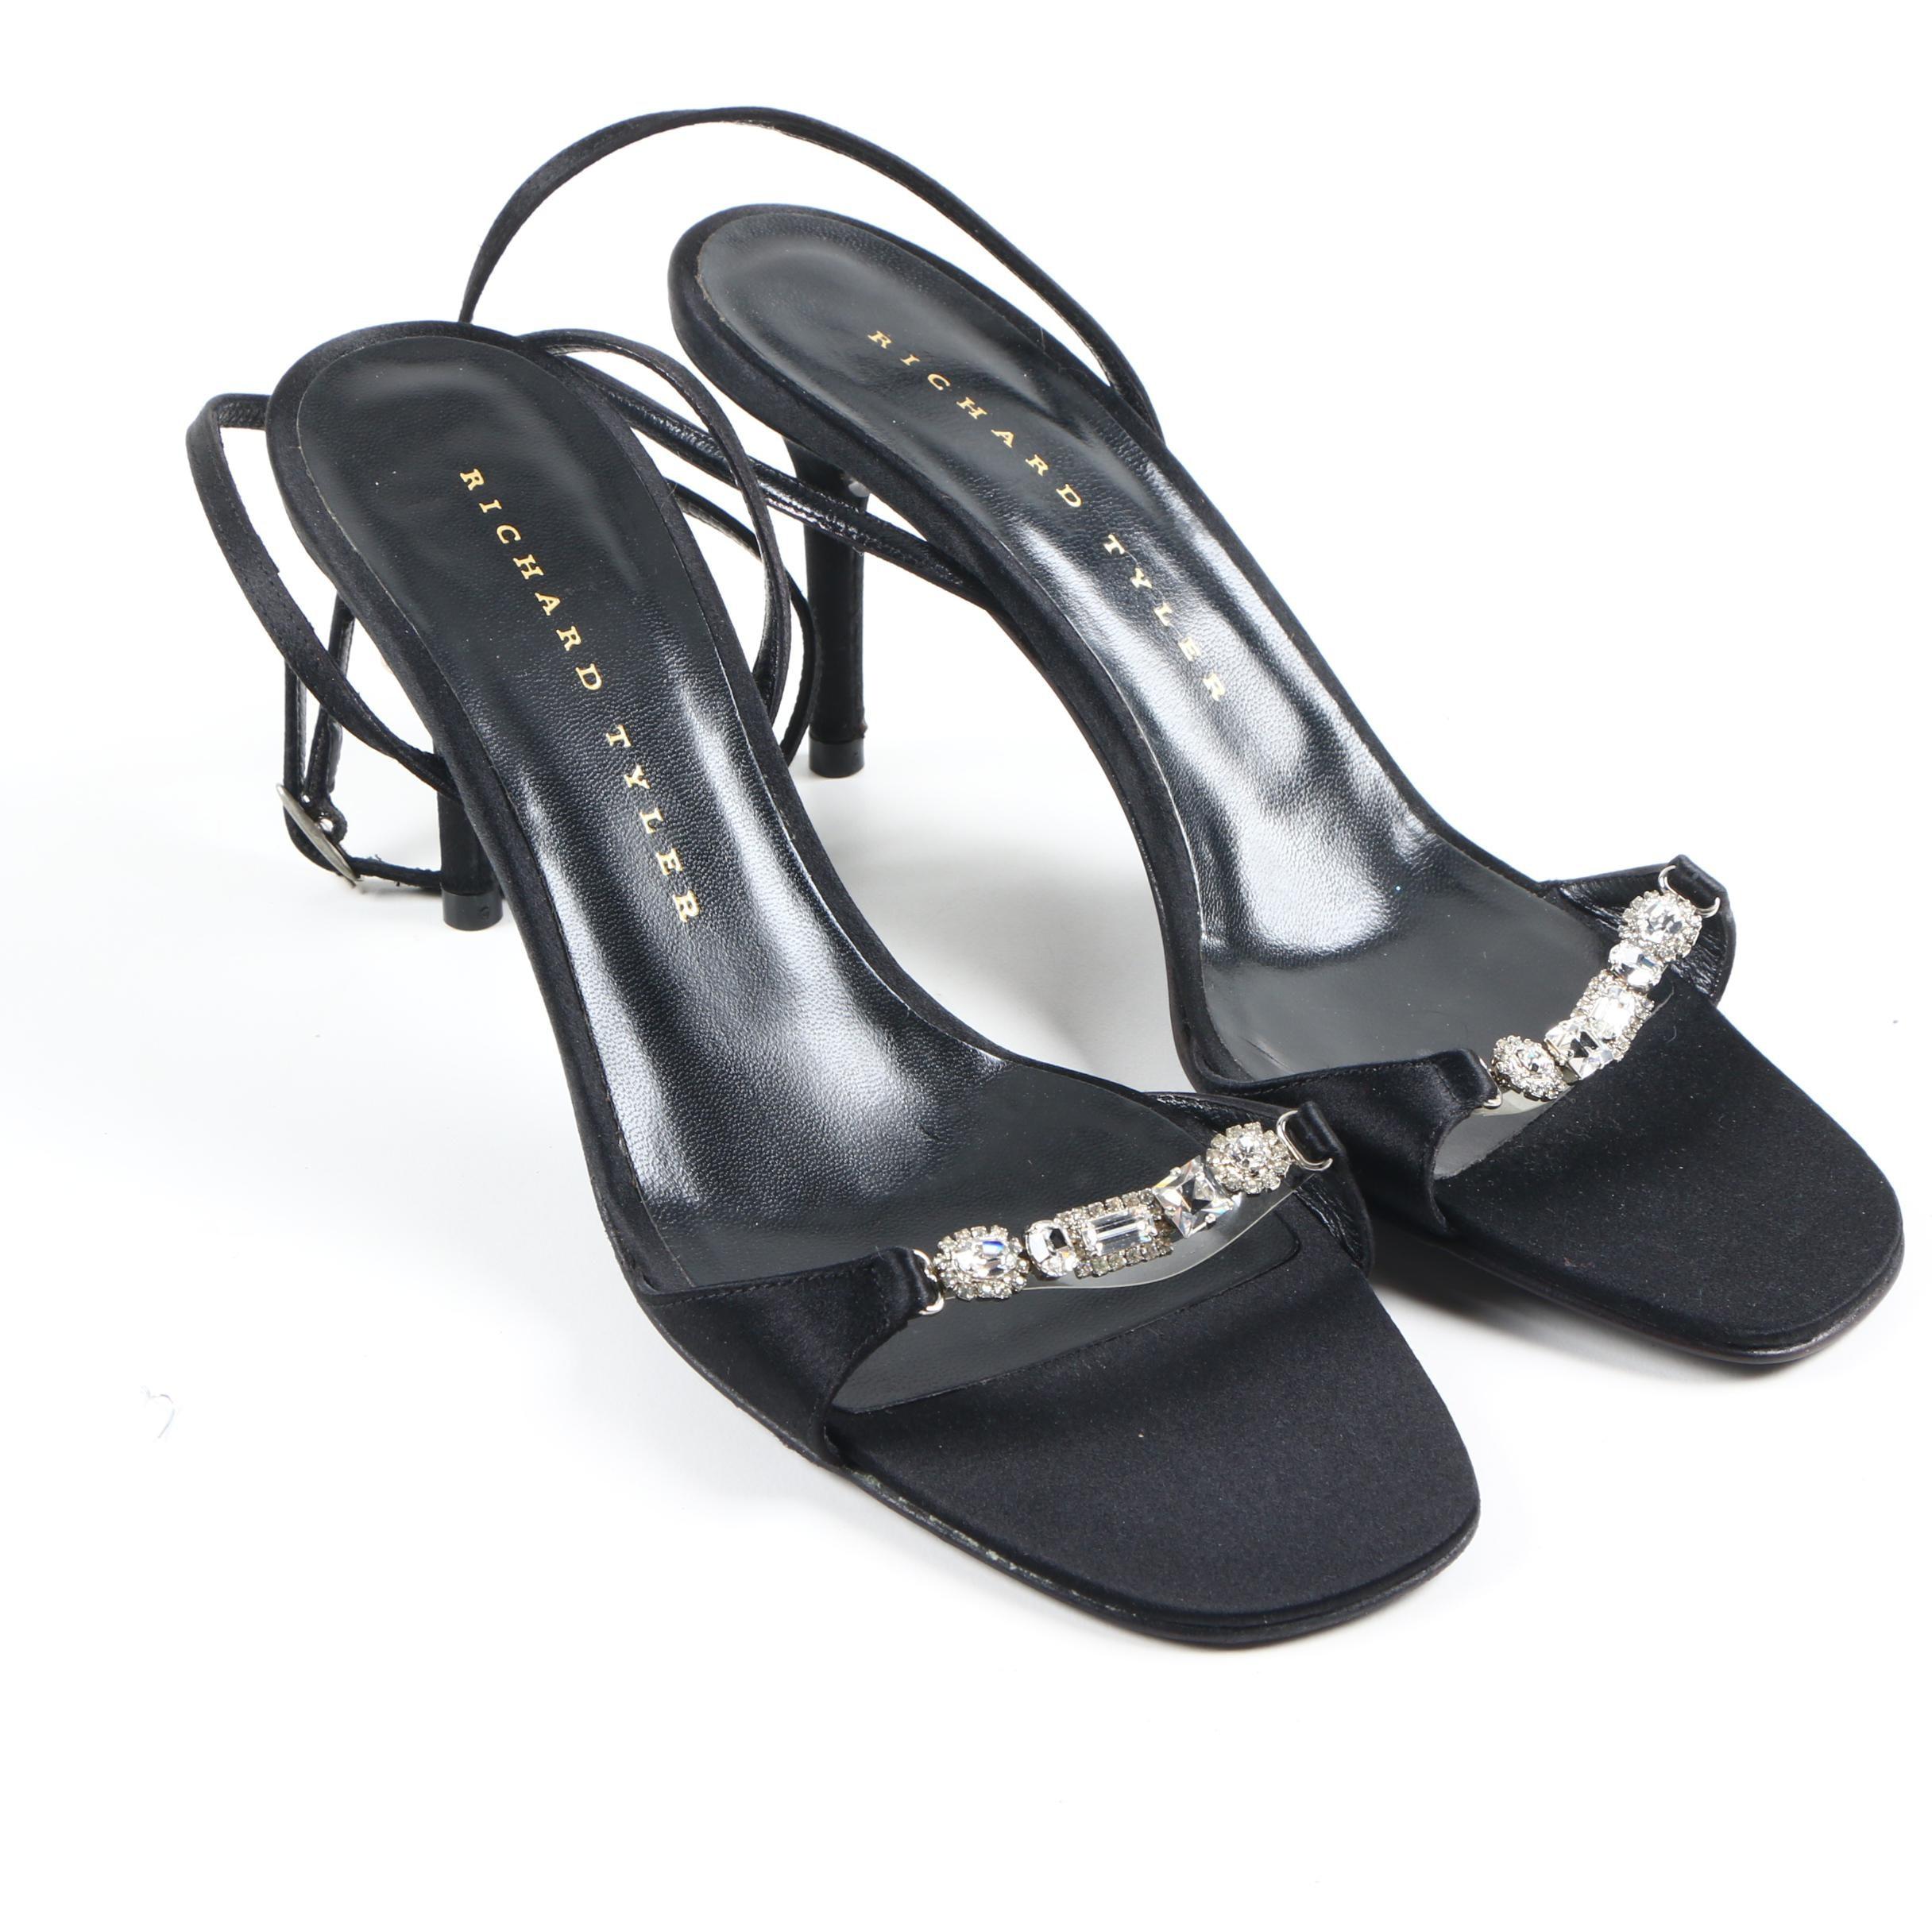 Richard Tyler Embellished Satin Sandals